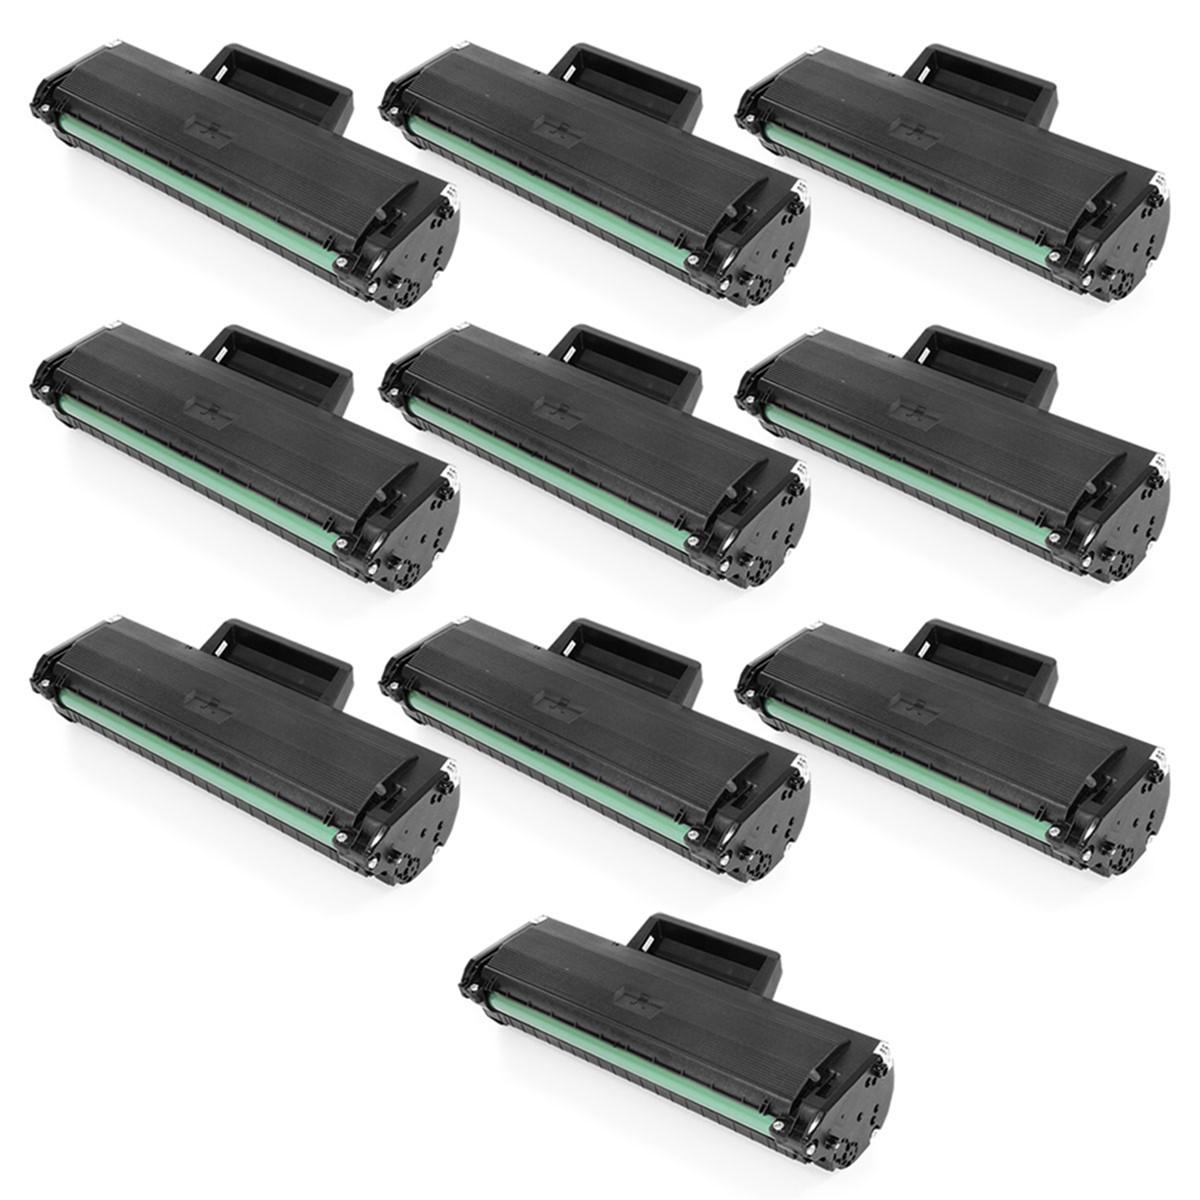 Kit 10 Toner Compatível com Samsung MLT-D104S ML1665 ML1660 ML1860 SCX3200 SCX3217 SCX3205   1.5k